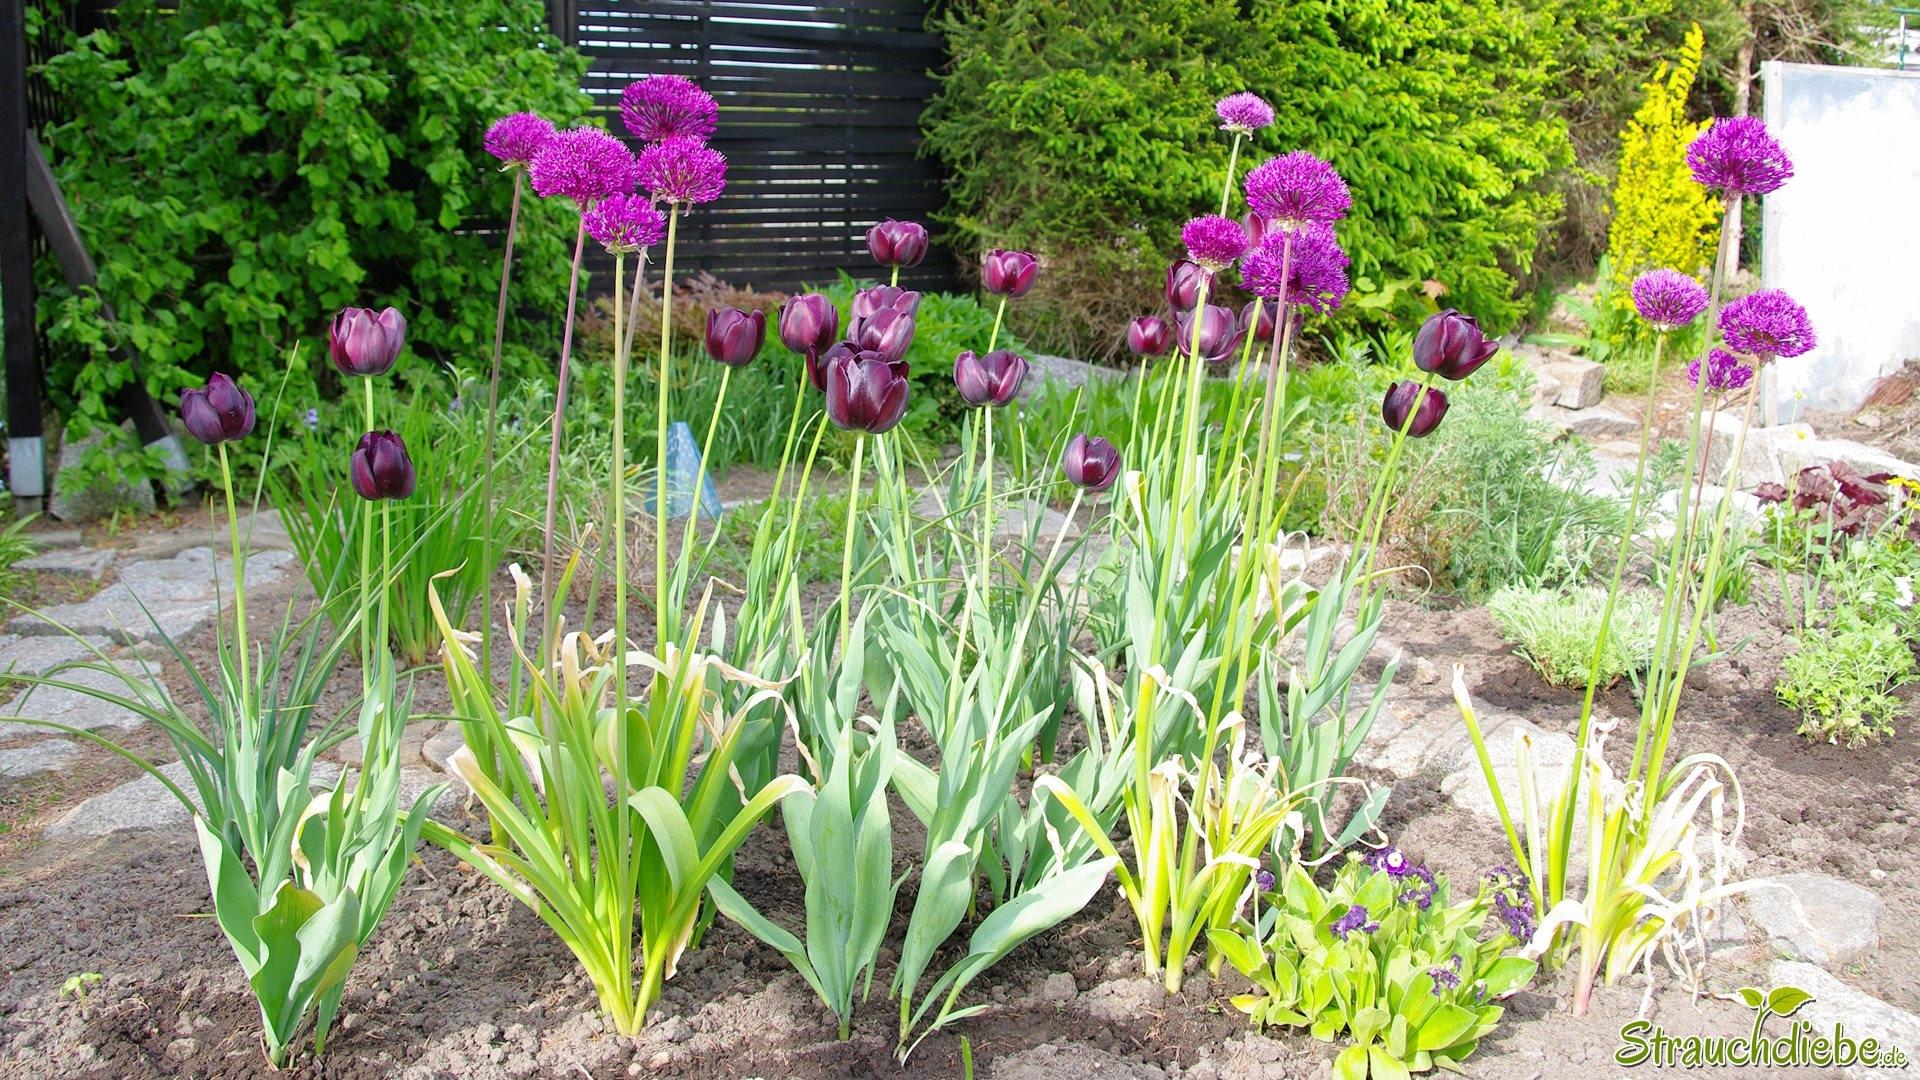 Tulpen (Tulipa) und Zierlauch (Allium)